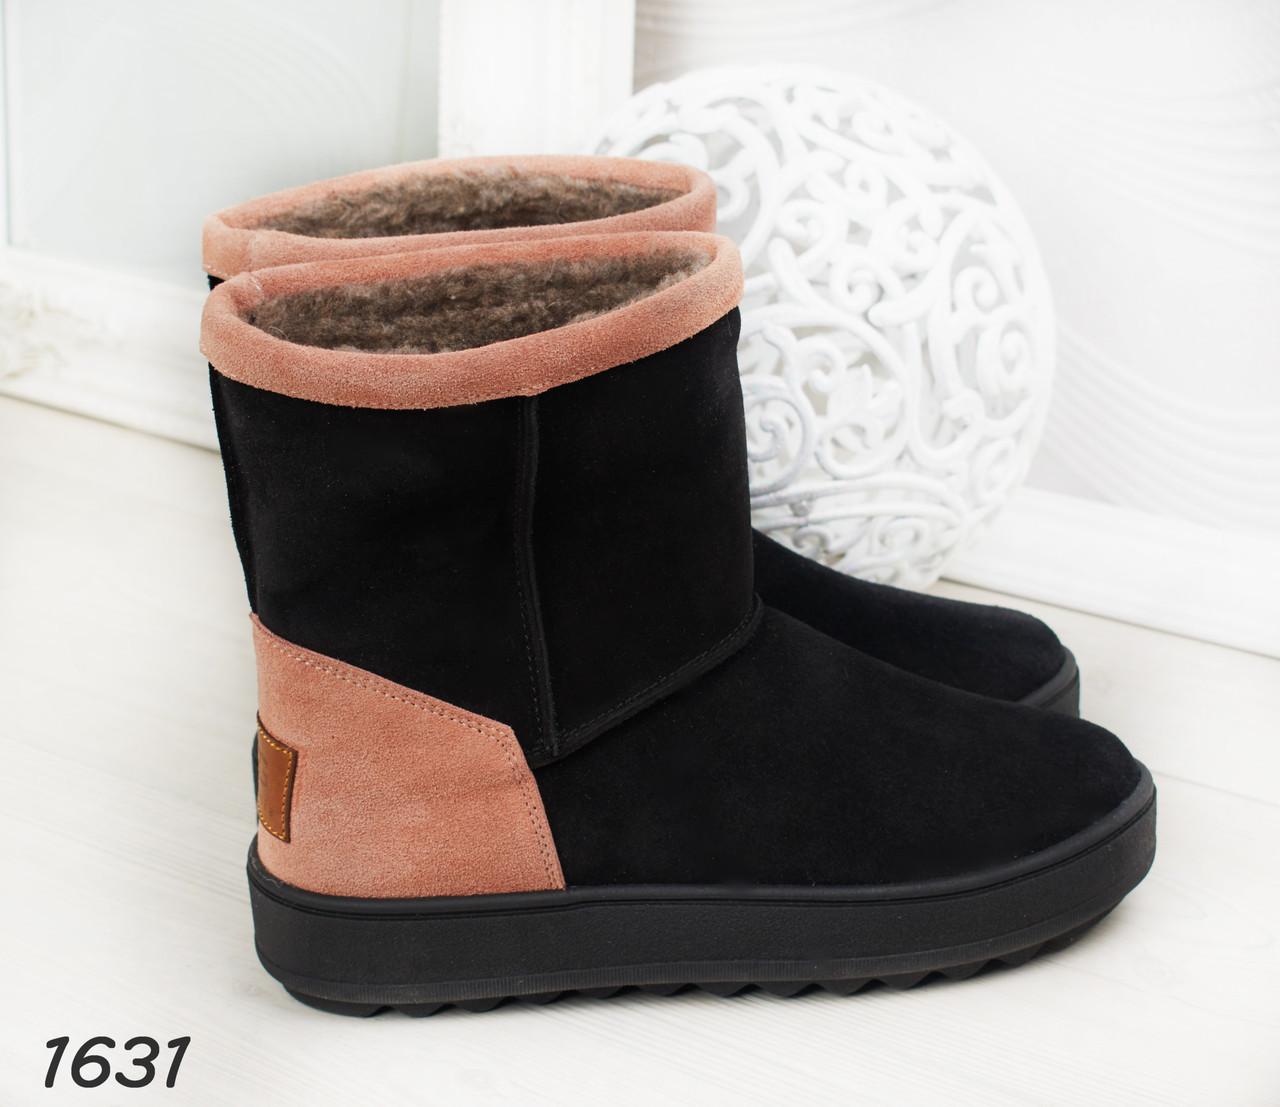 bc5bf7d7 Ботинки женские зимние черные замшевые на подошве,на низком ходу, из  натуральной замши, натуральная замша